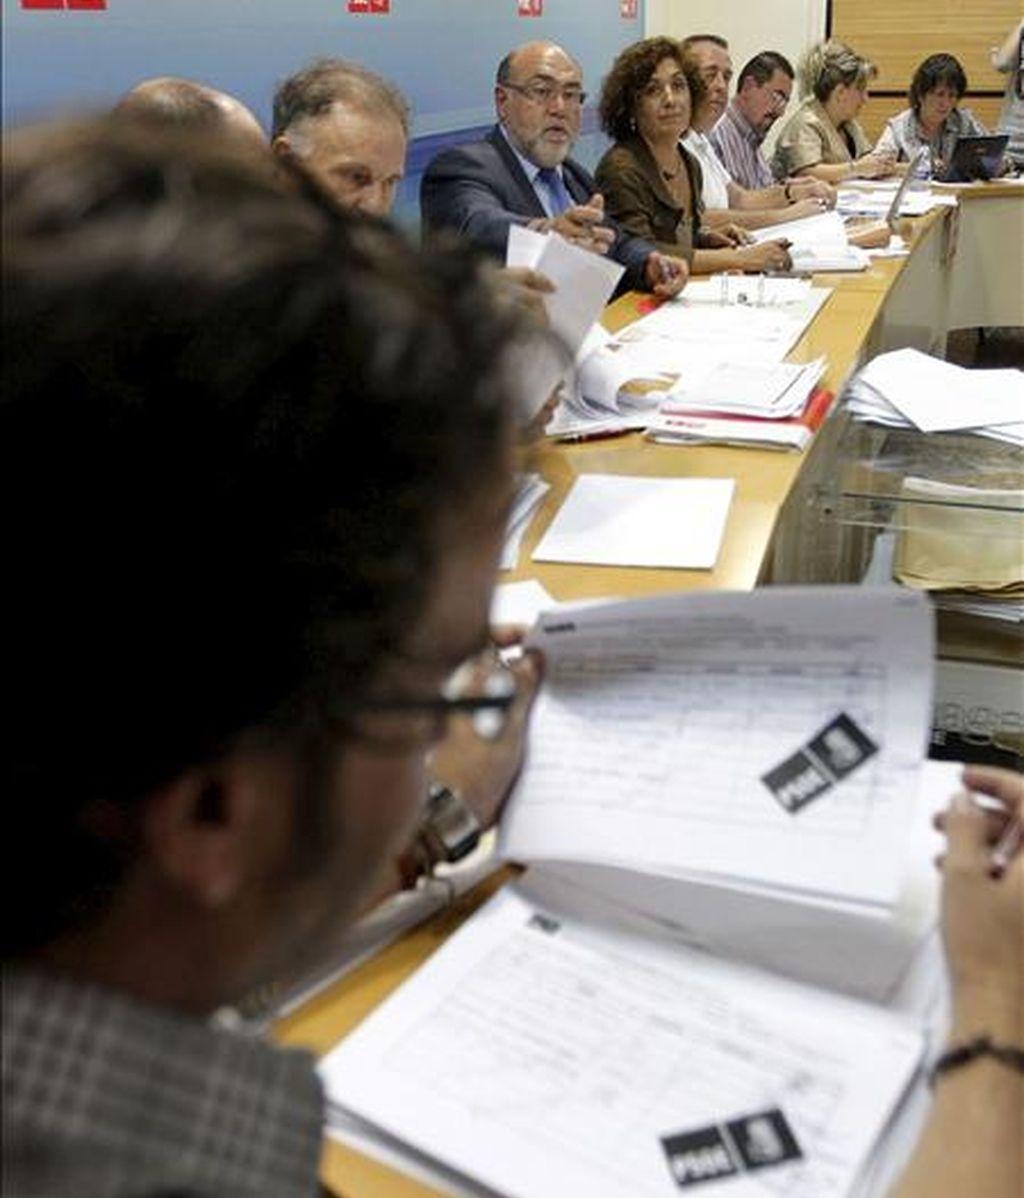 La Comisión de Garantías electorales del PSPV-PSOE revisa los avales presentados por los candidatos para las primarias a la Presidencia de la Generalitat valenciana. EFE